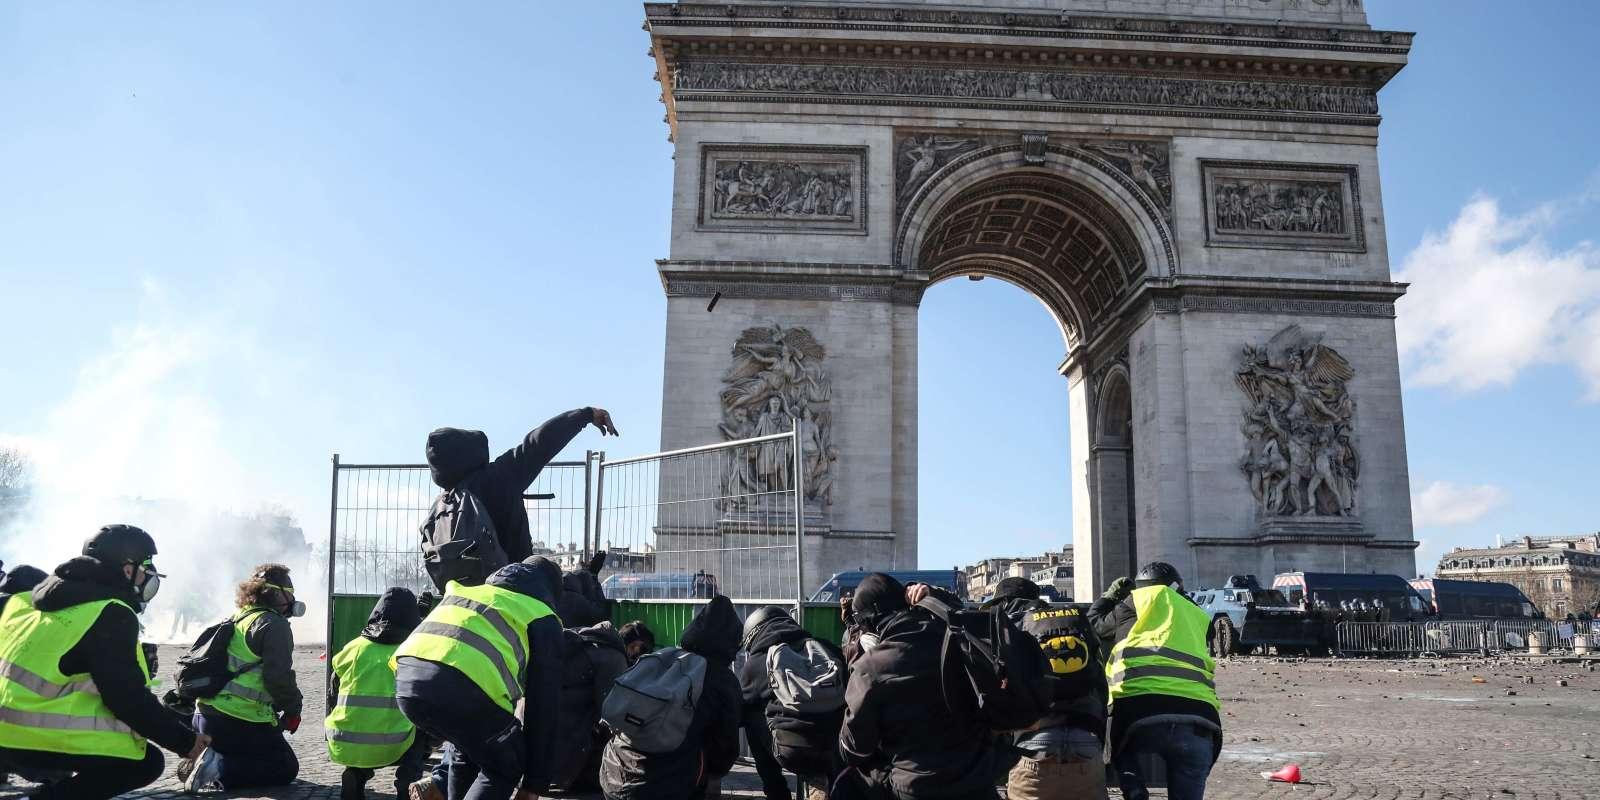 Manifestation des «gilets jaunes», samedi 16 mars, place de l'Etoile, à Paris.